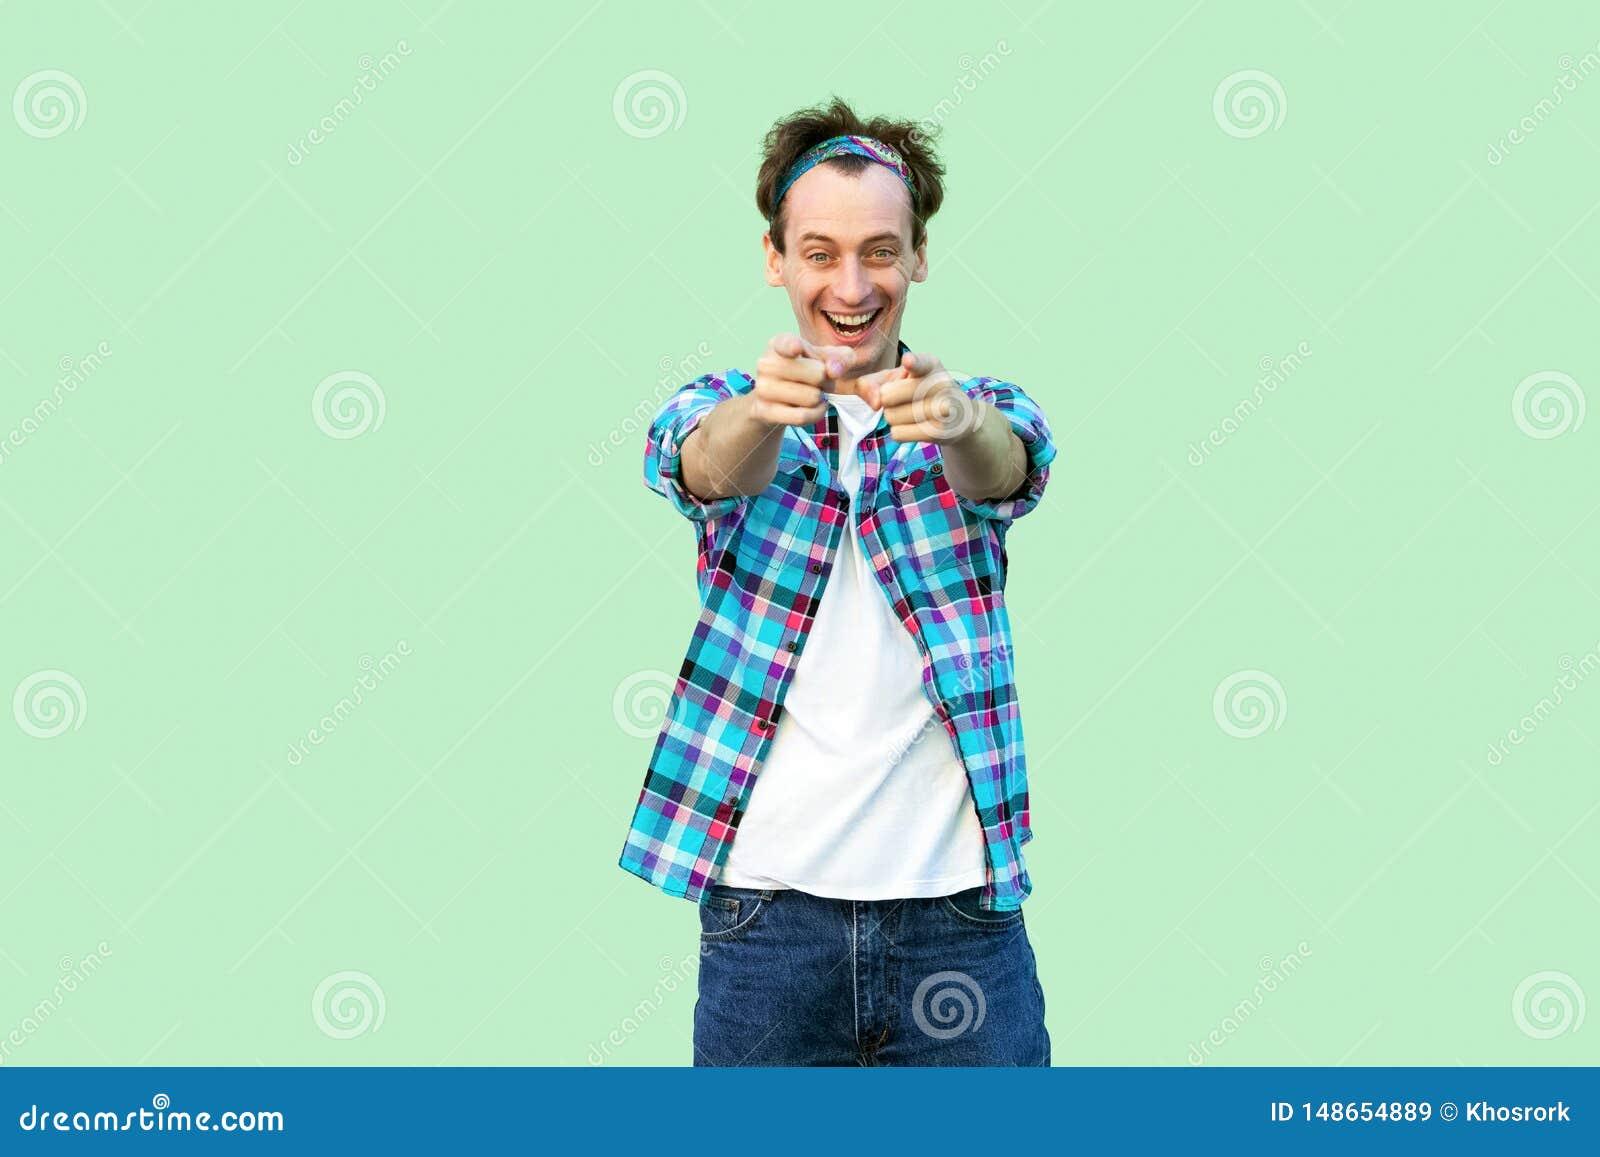 Retrato del hombre joven emocionado en la situación a cuadros azul casual de la camisa y de la venda con sonrisa dentuda, mirando